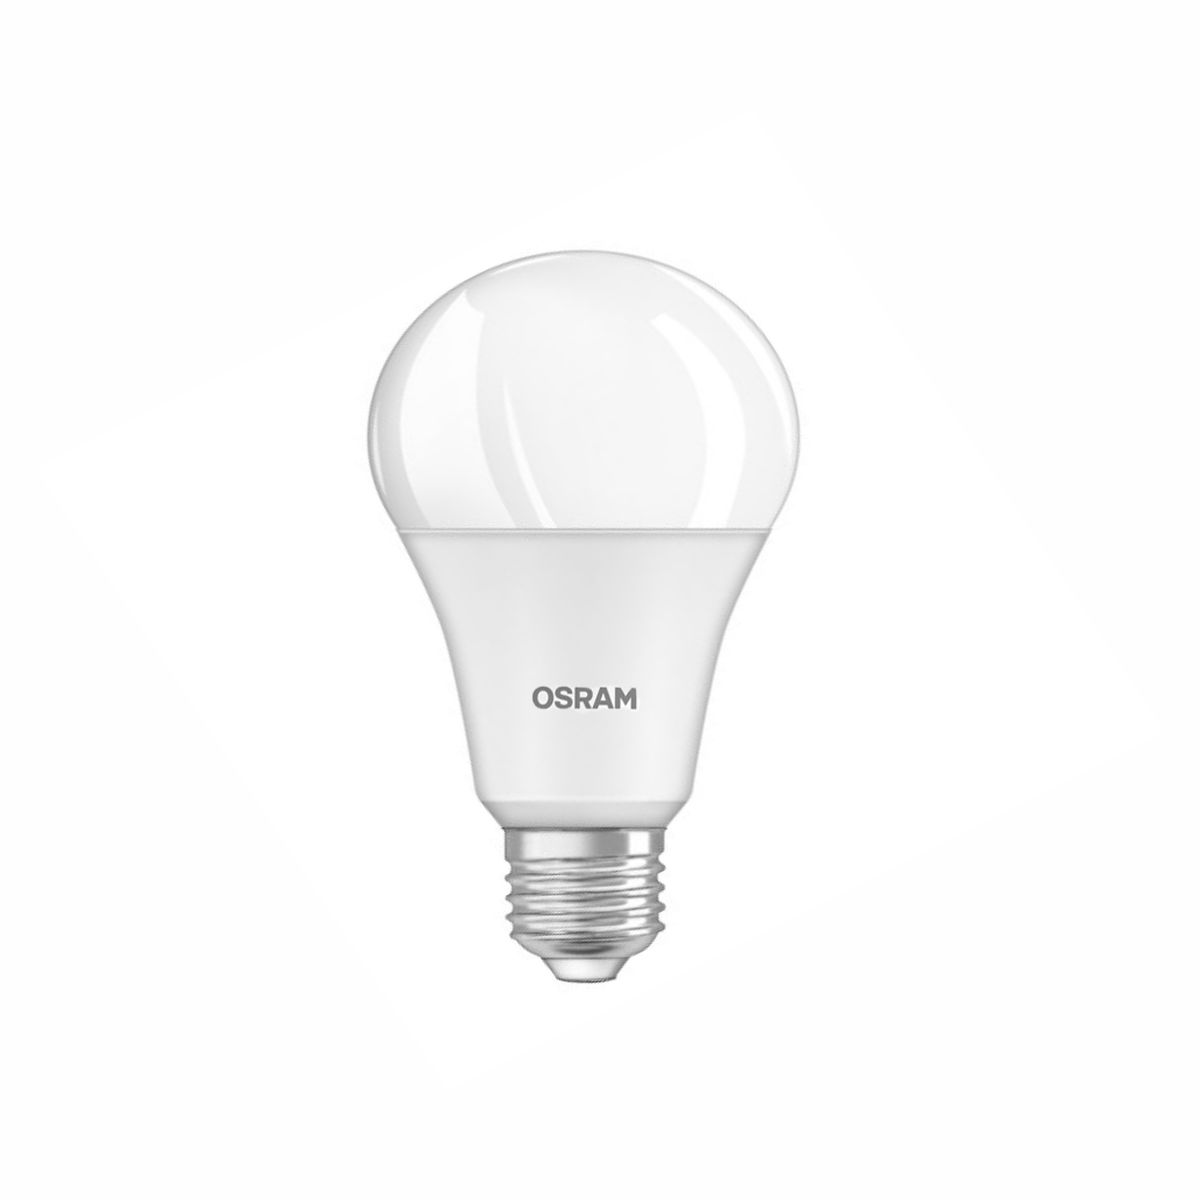 Bóng đèn LED Bulb E27 ECO CLASSIC A 9W OSRAM - Ánh sáng Trắng